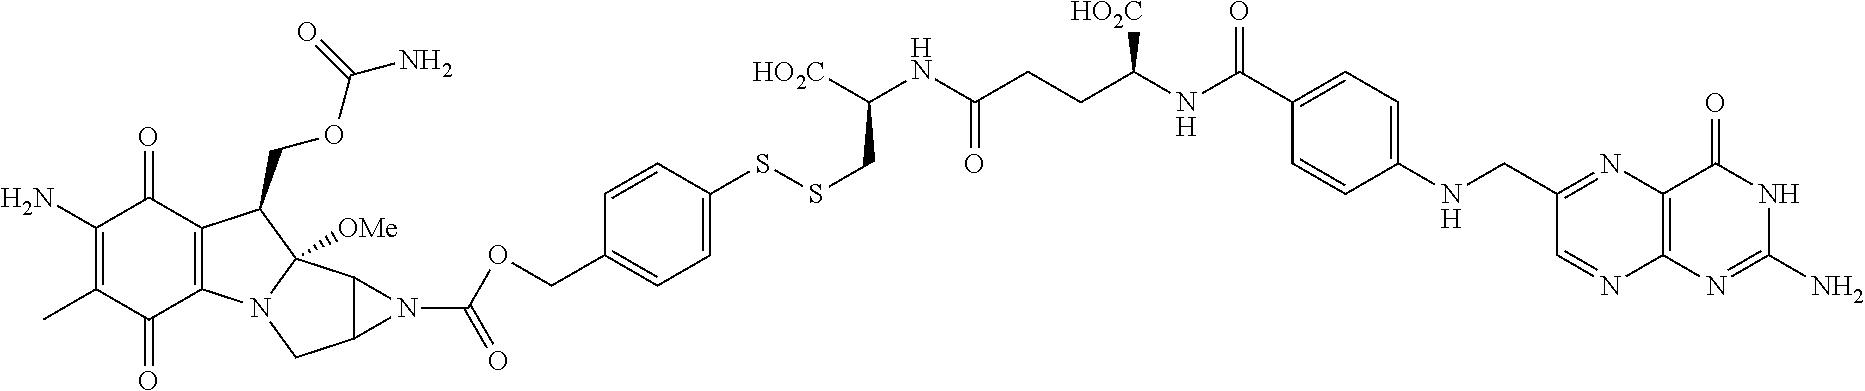 Figure US09090563-20150728-C00043